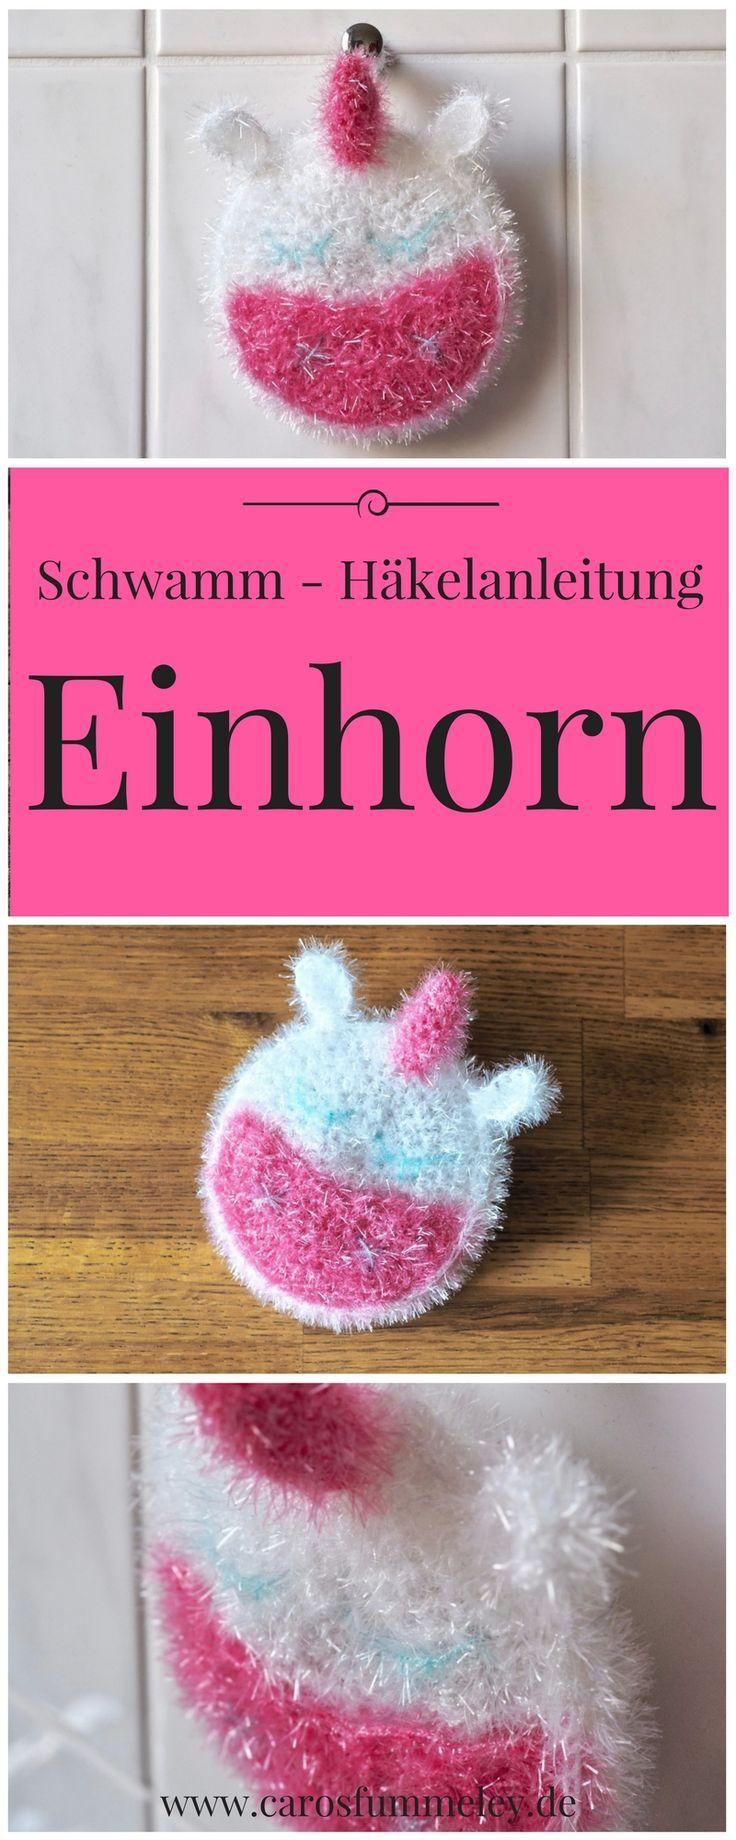 Häkelanleitung: Einhorn - Schwamm | Pinterest | Ein Einhorn ...